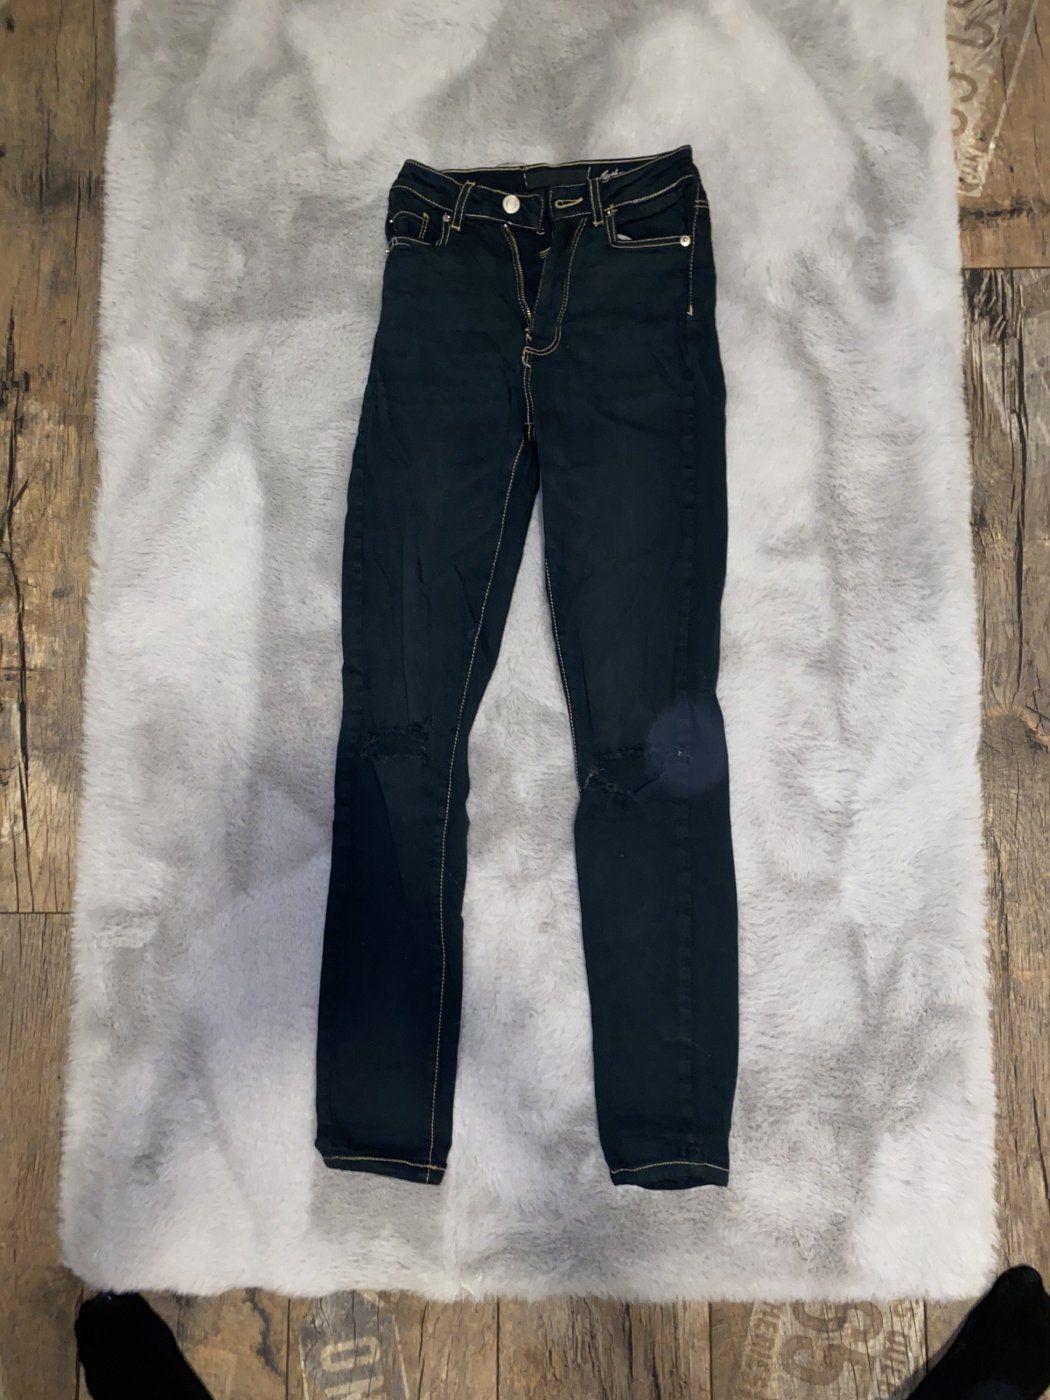 Schwarze Hight waist Jeans mit Löchern